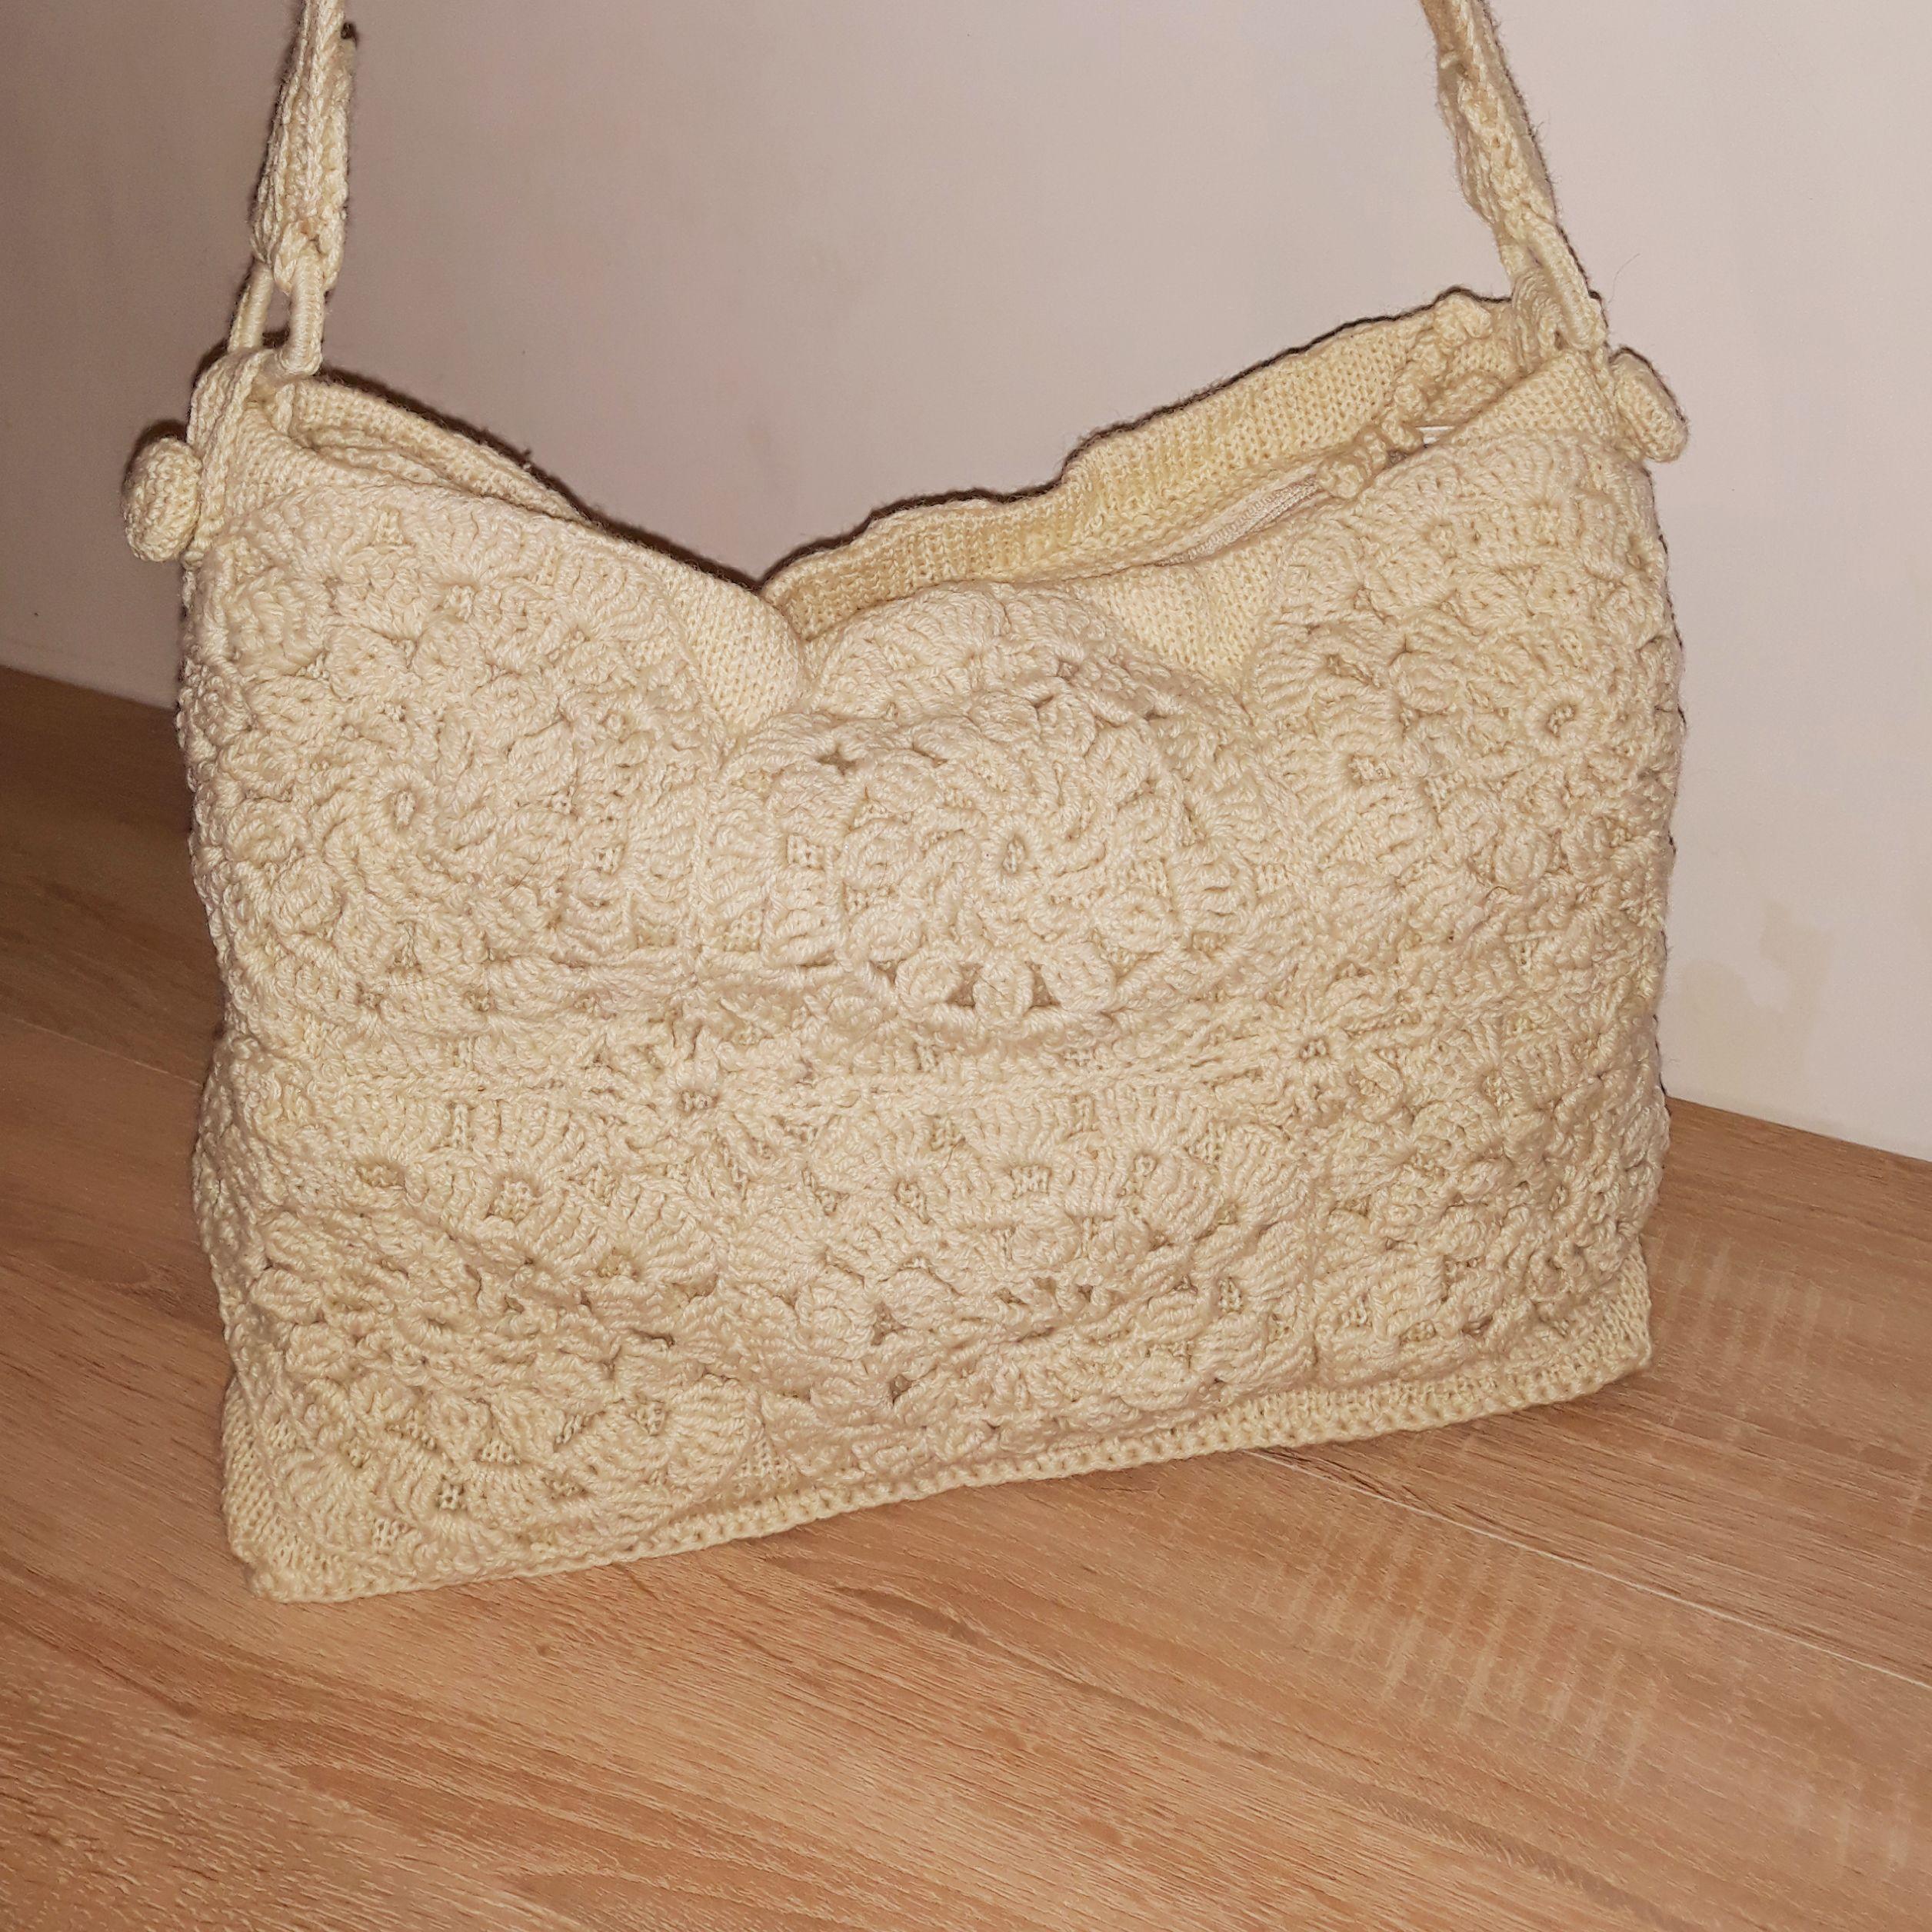 подарки красивые эксклюзивные сумки необычные заказ вязание вязаные вещи